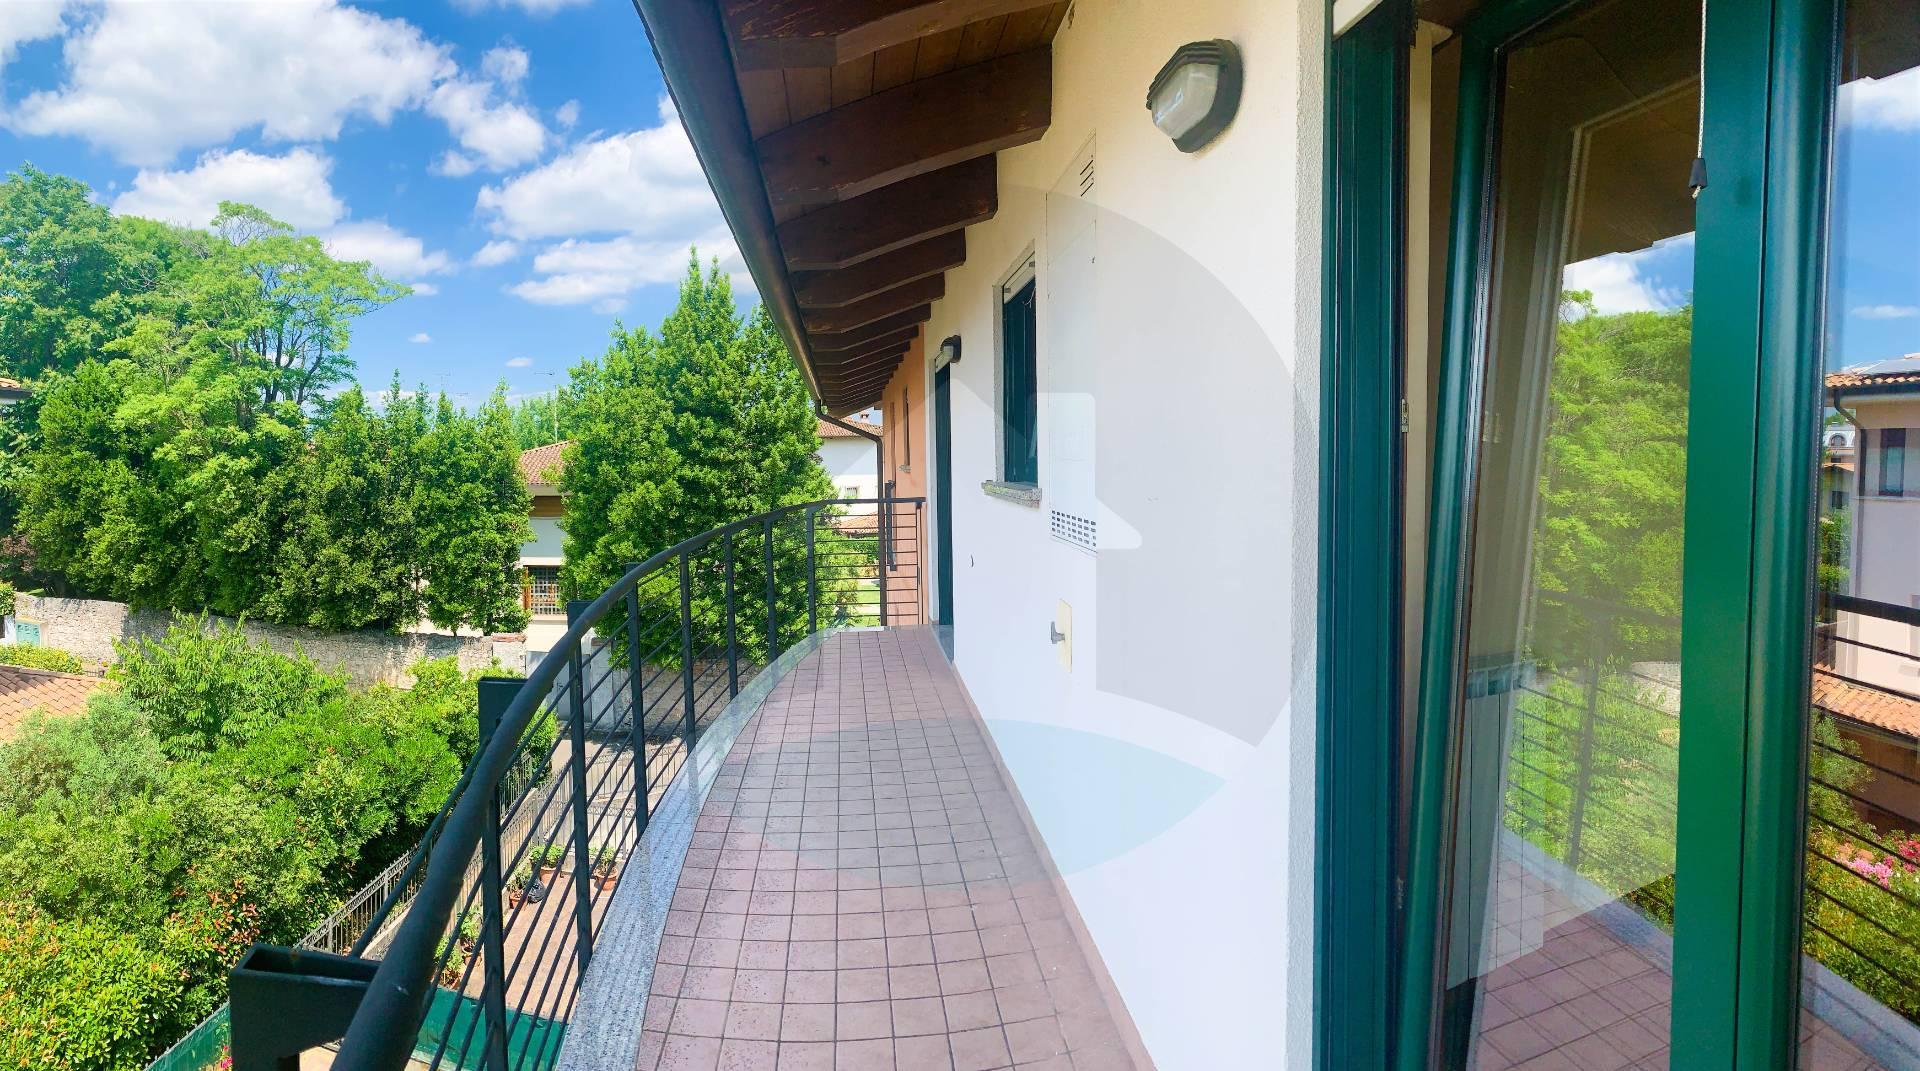 Appartamento in vendita a Ronchi dei Legionari, 2 locali, prezzo € 99.000   PortaleAgenzieImmobiliari.it